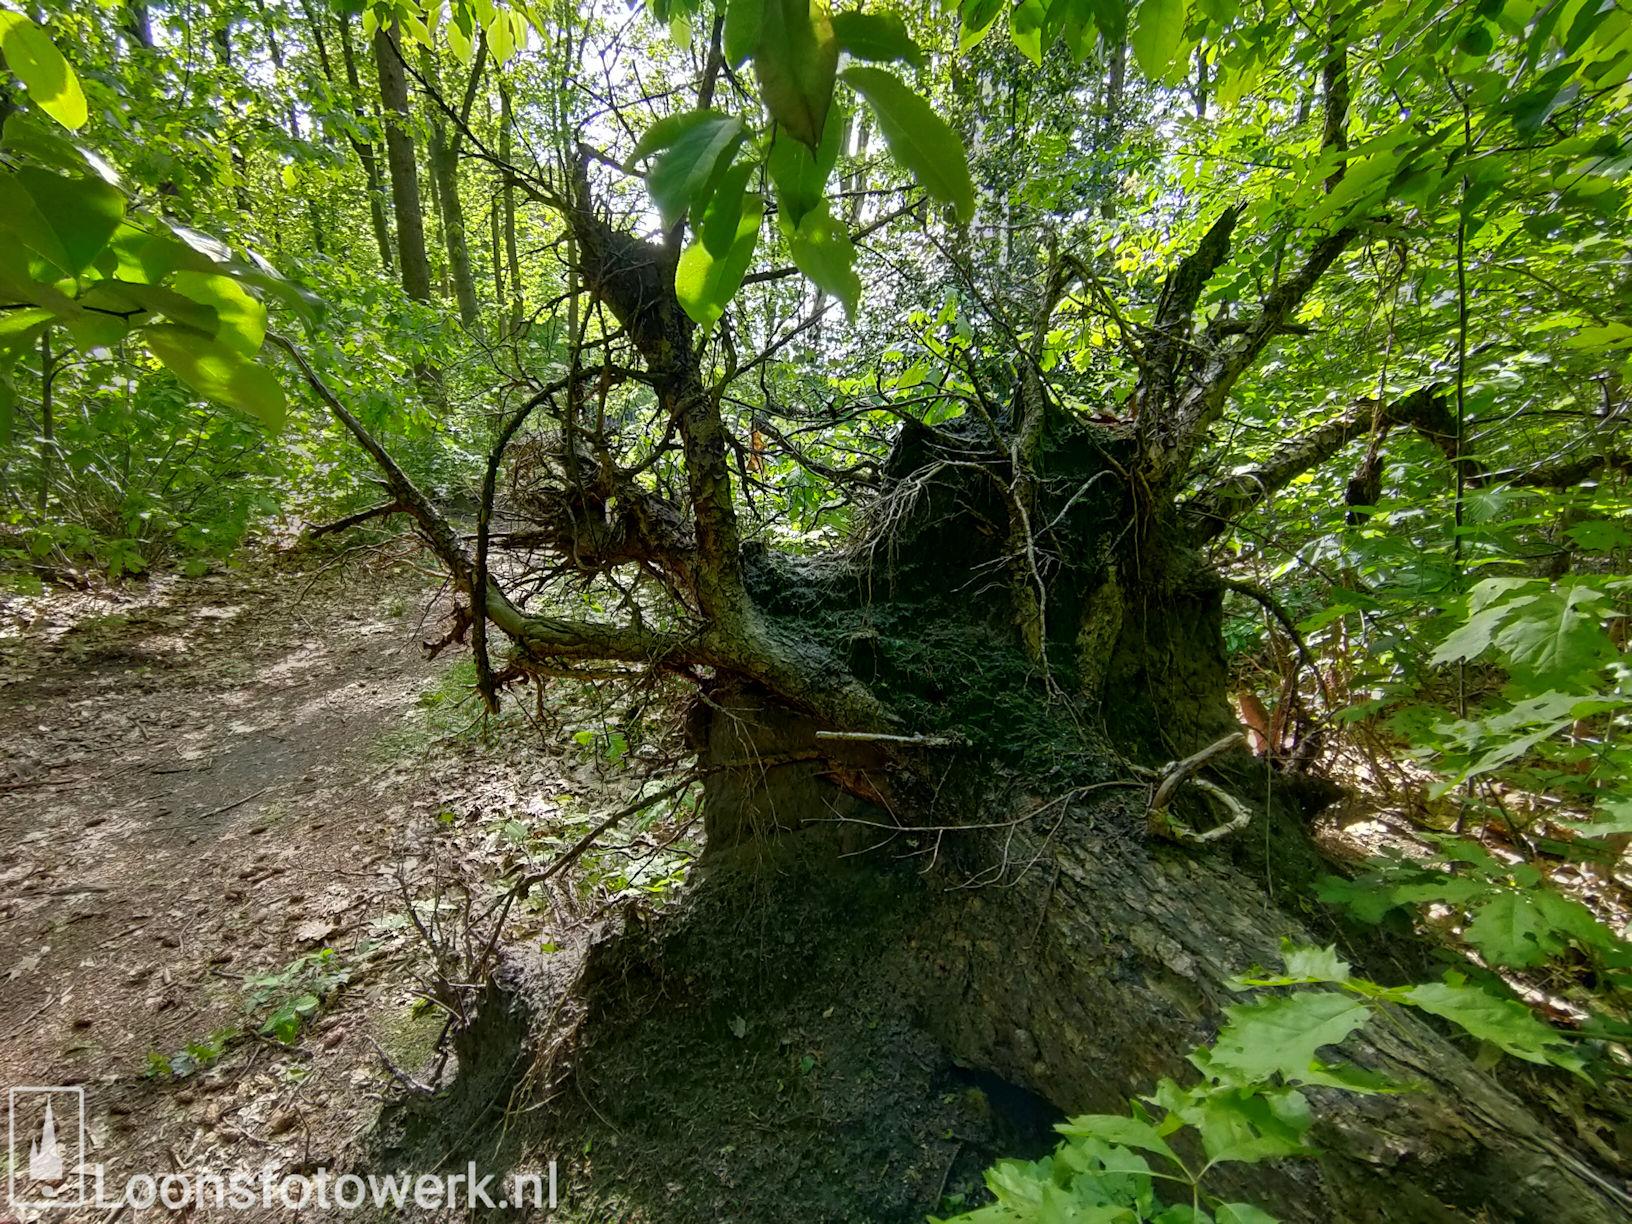 Fris groen in bosgebied 16